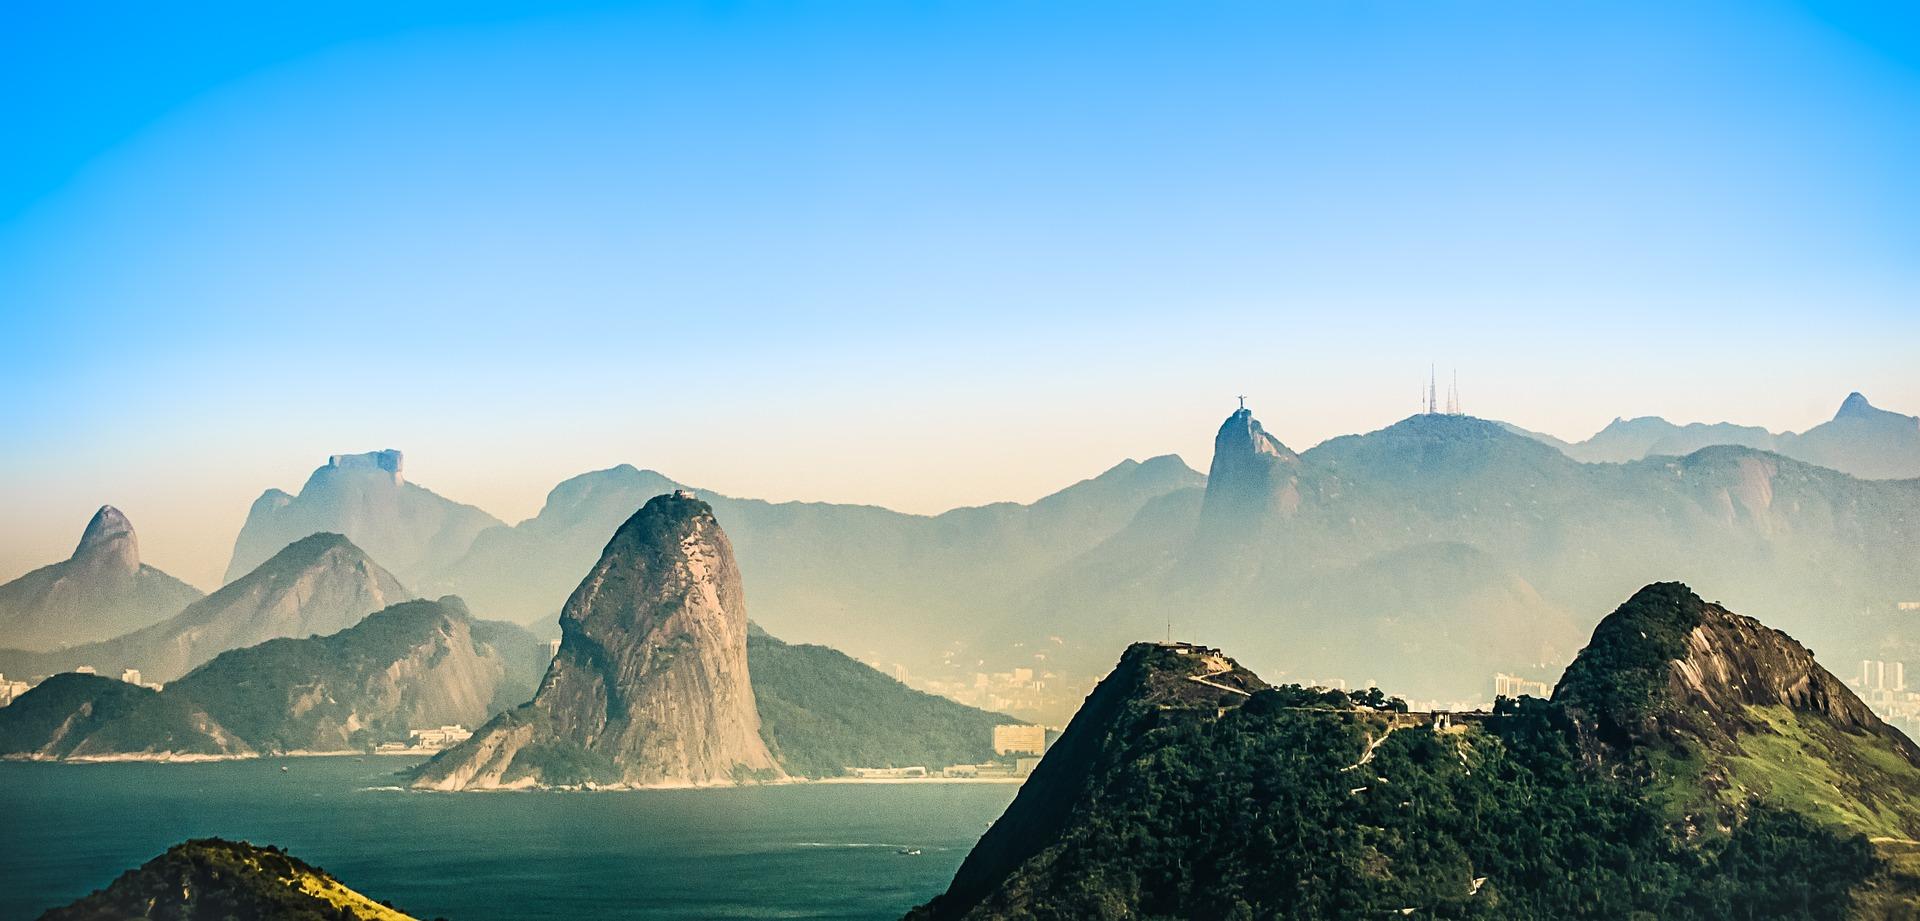 Férias Rio de janeiro, Brasil, cristo redentor, juegos olímpicos, Jogos Olímpicos - Papéis de parede HD - Professor-falken.com